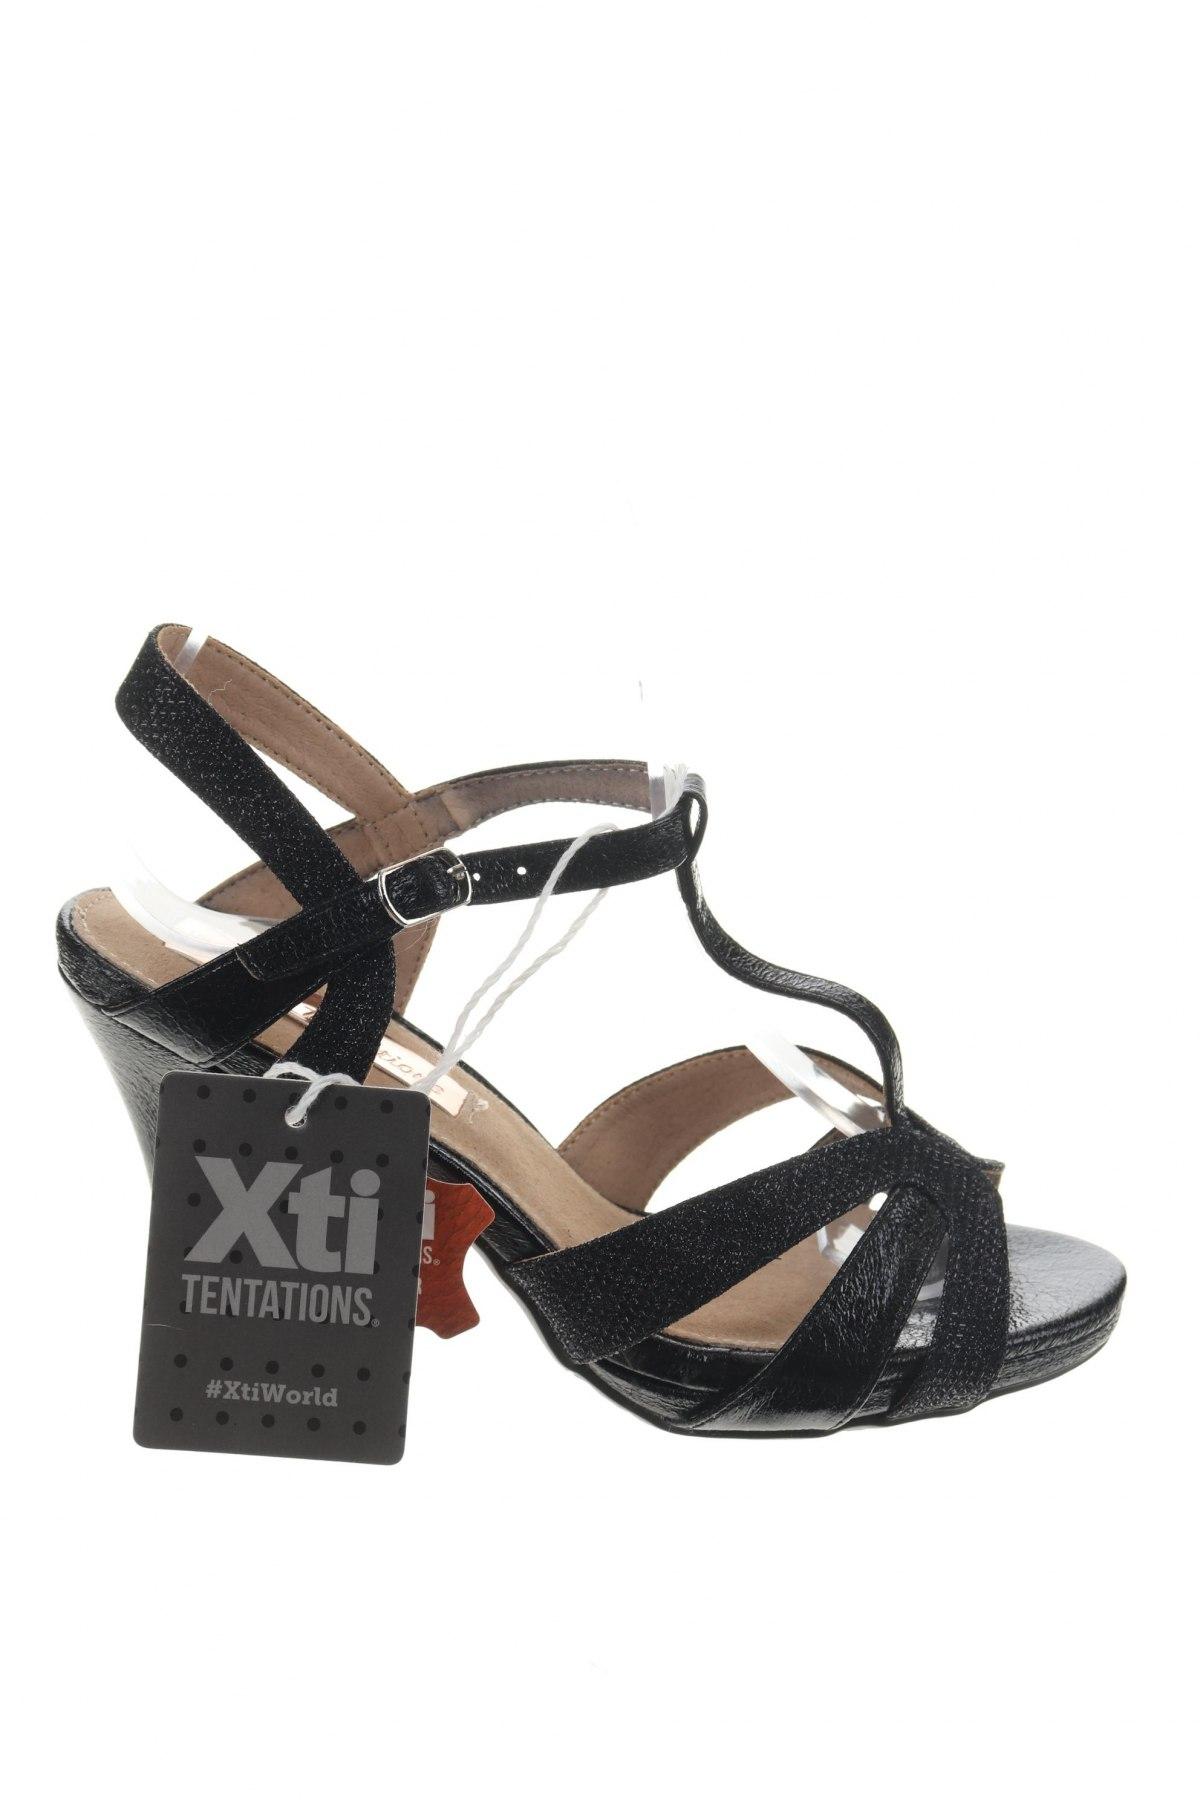 Σανδάλια Xti, Μέγεθος 36, Χρώμα Μαύρο, Κλωστοϋφαντουργικά προϊόντα, Τιμή 19,56€